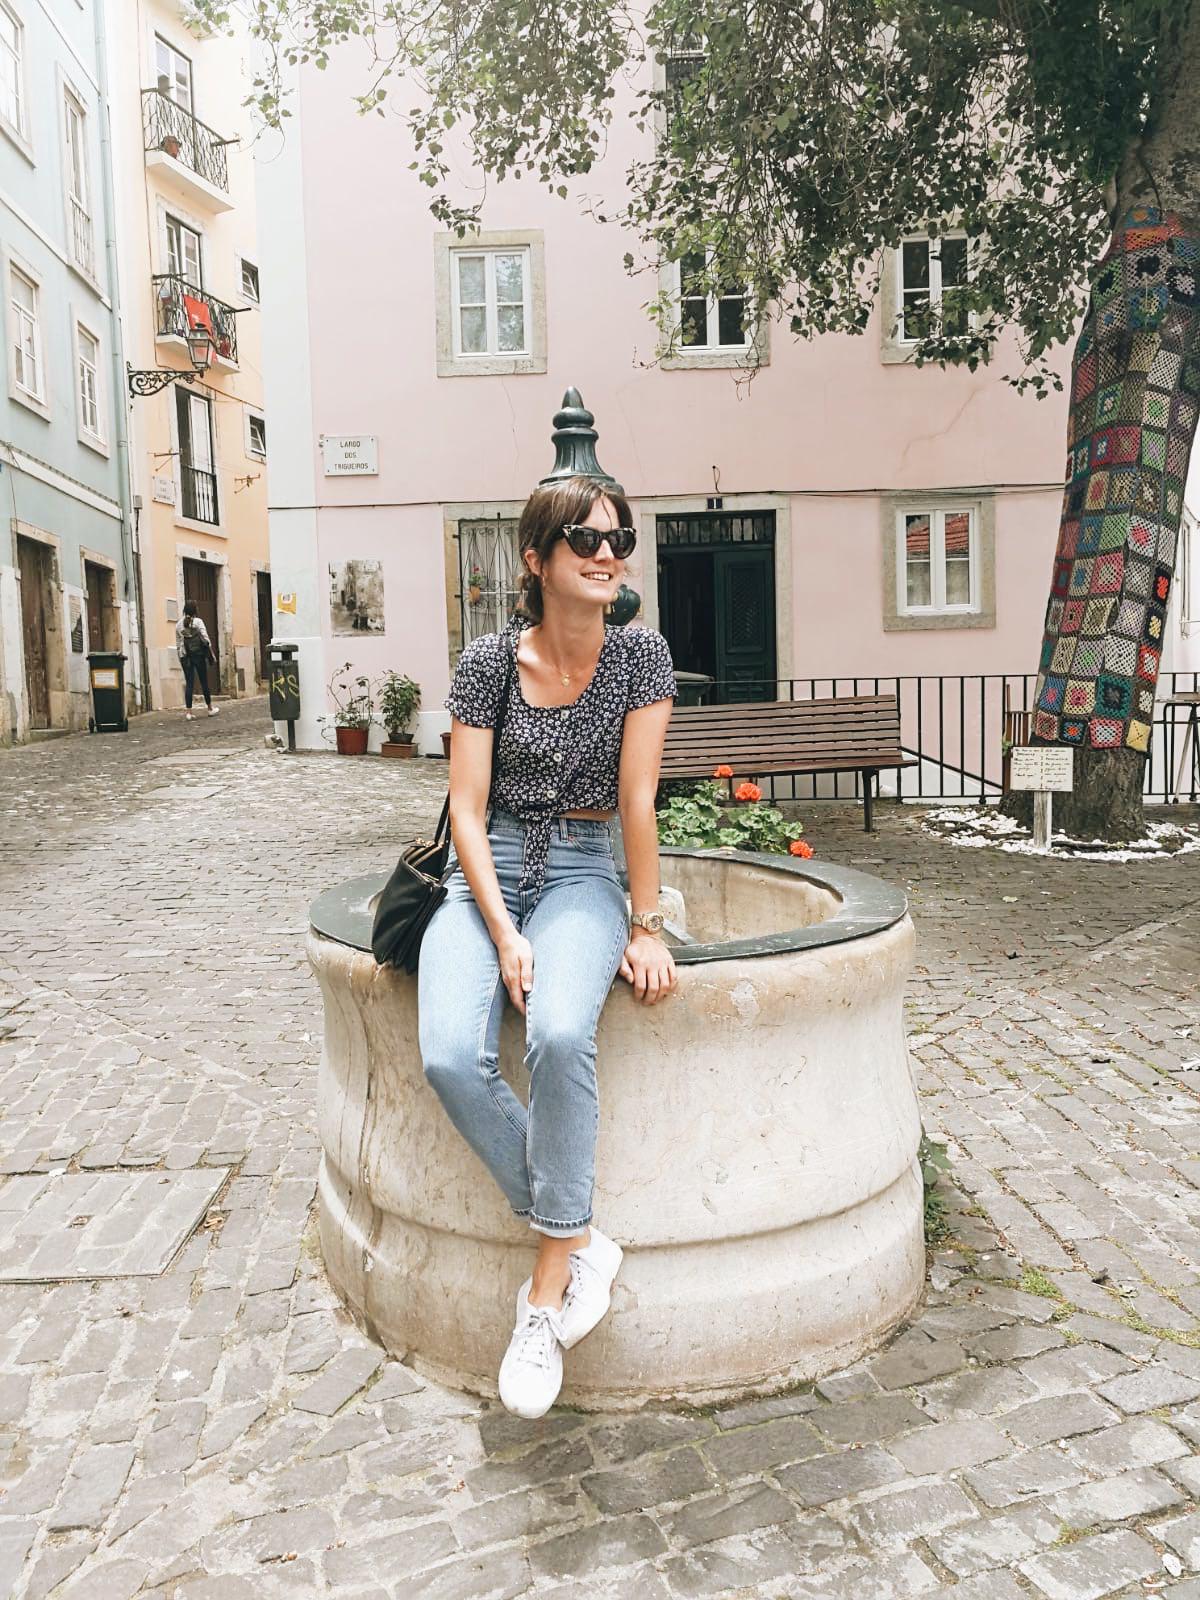 Ein Reisebericht zu Lissabon mit Reisetipps auf meinem Travelblog